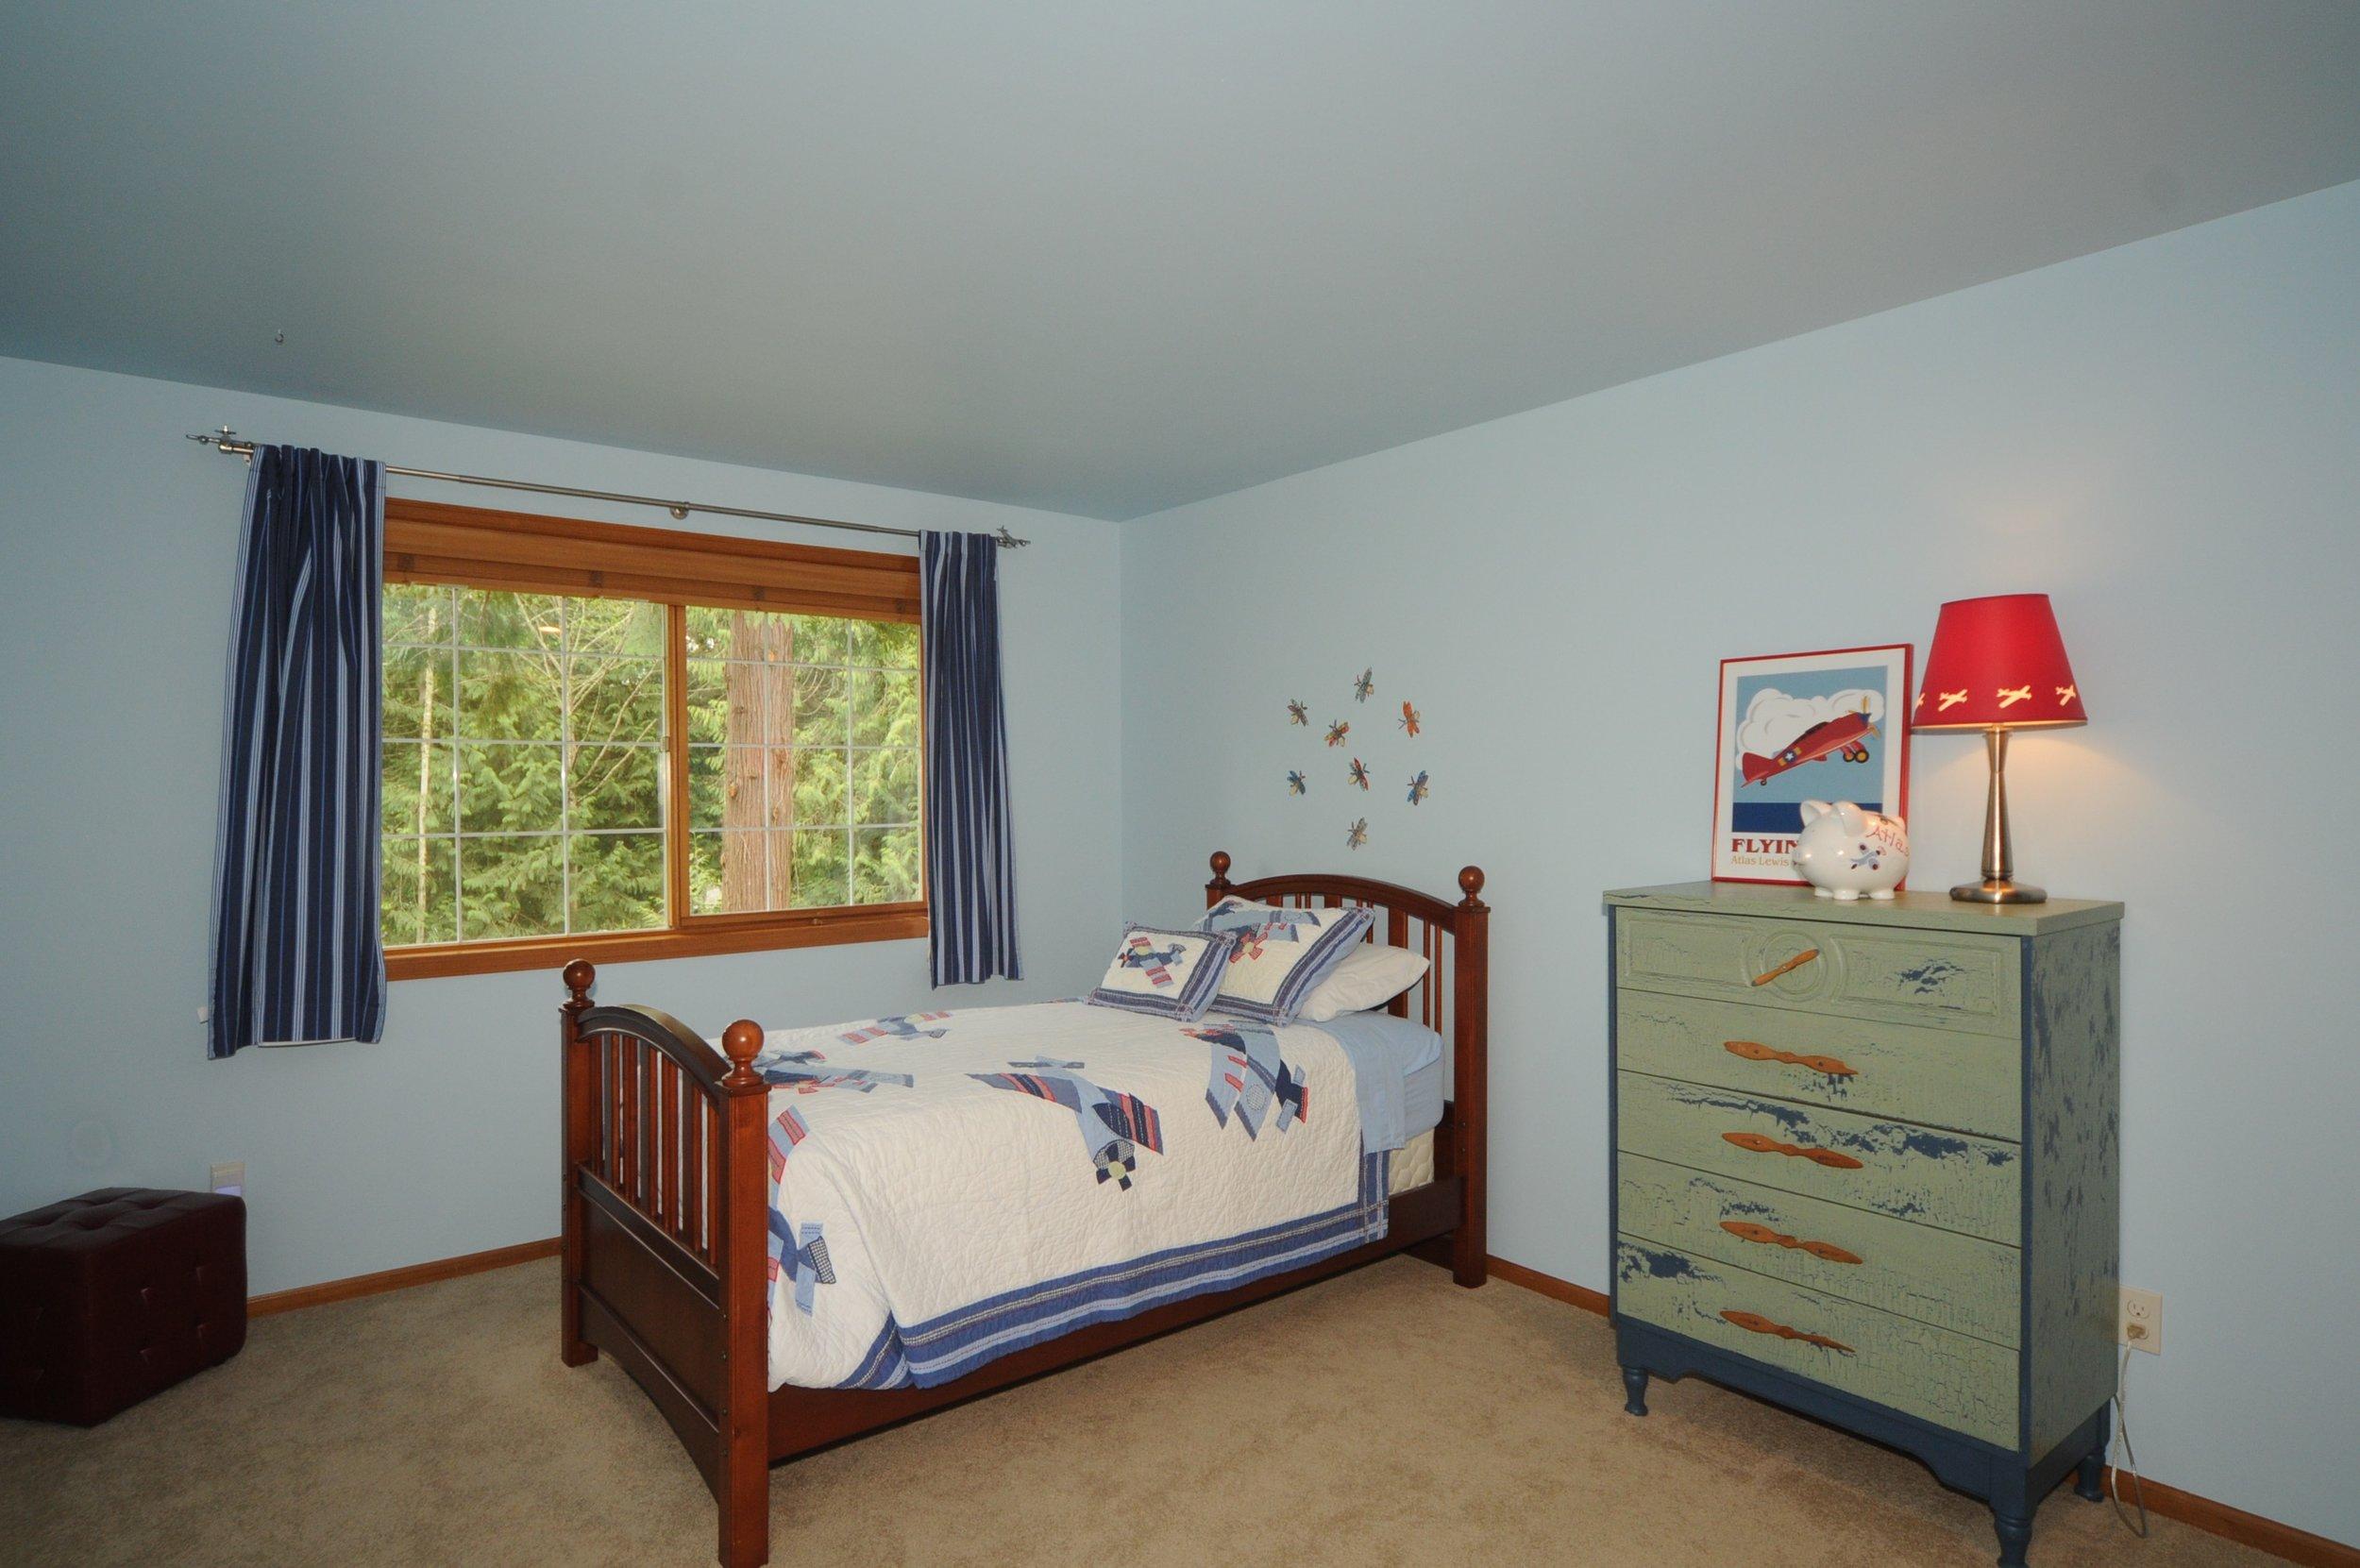 redmond_buchan_guest room1.jpg